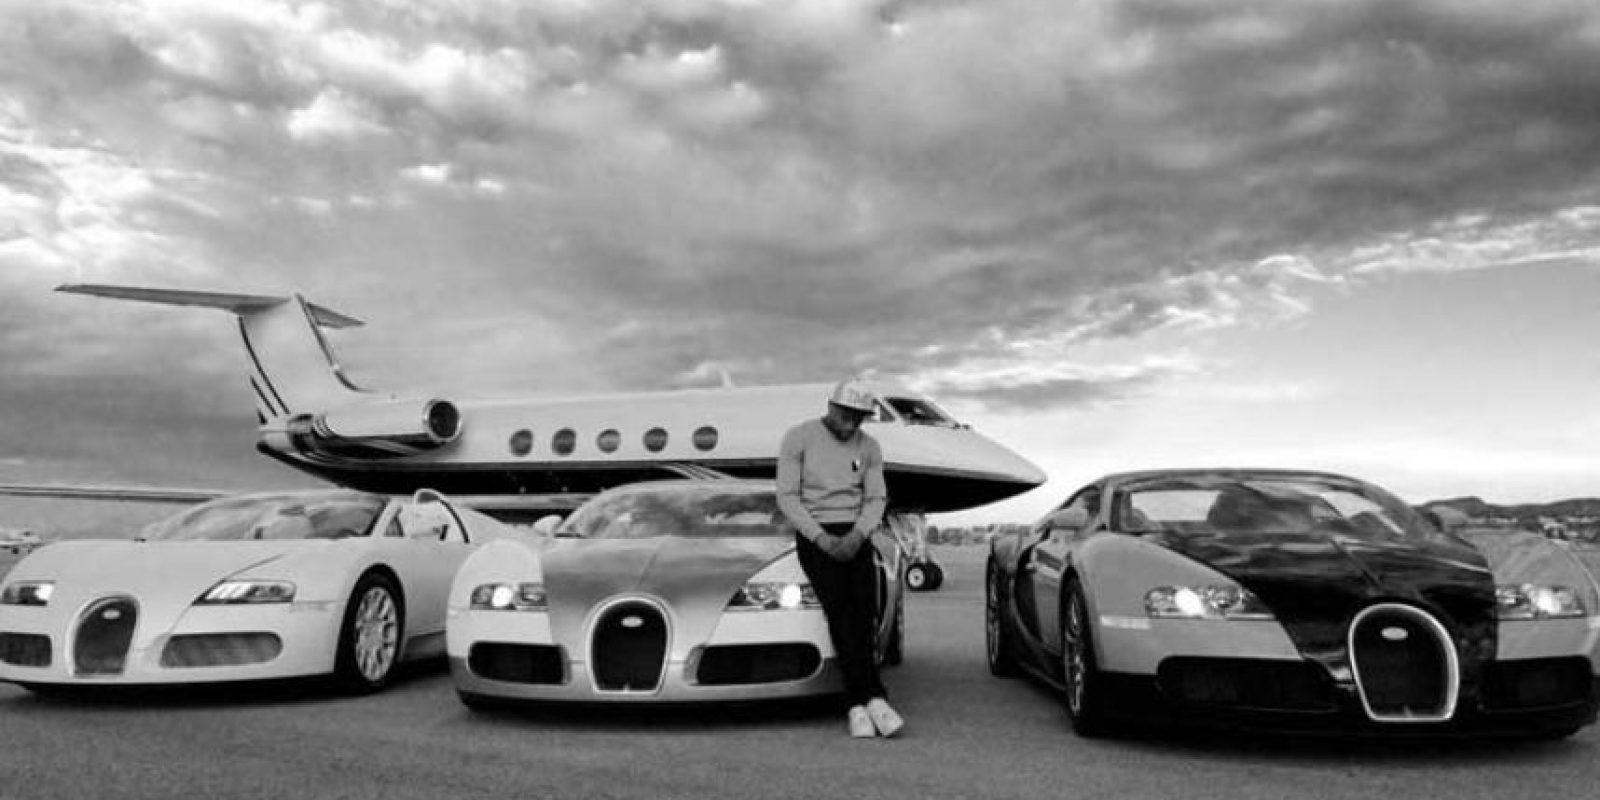 Y a bordo de su jet privado, recorre el mundo, mientras presume sus viajes en Instagram. Foto:Vía instagram.com/floydmayweather